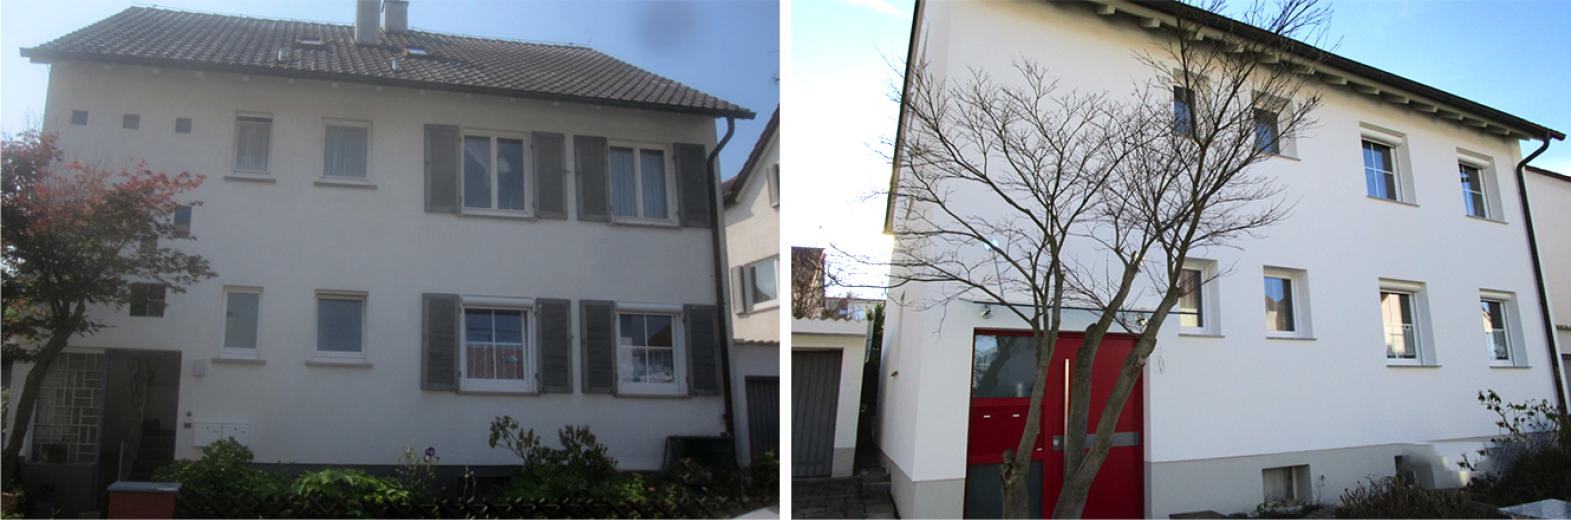 Dach- und Fassadensanierung mit neuem Heizungskonzept